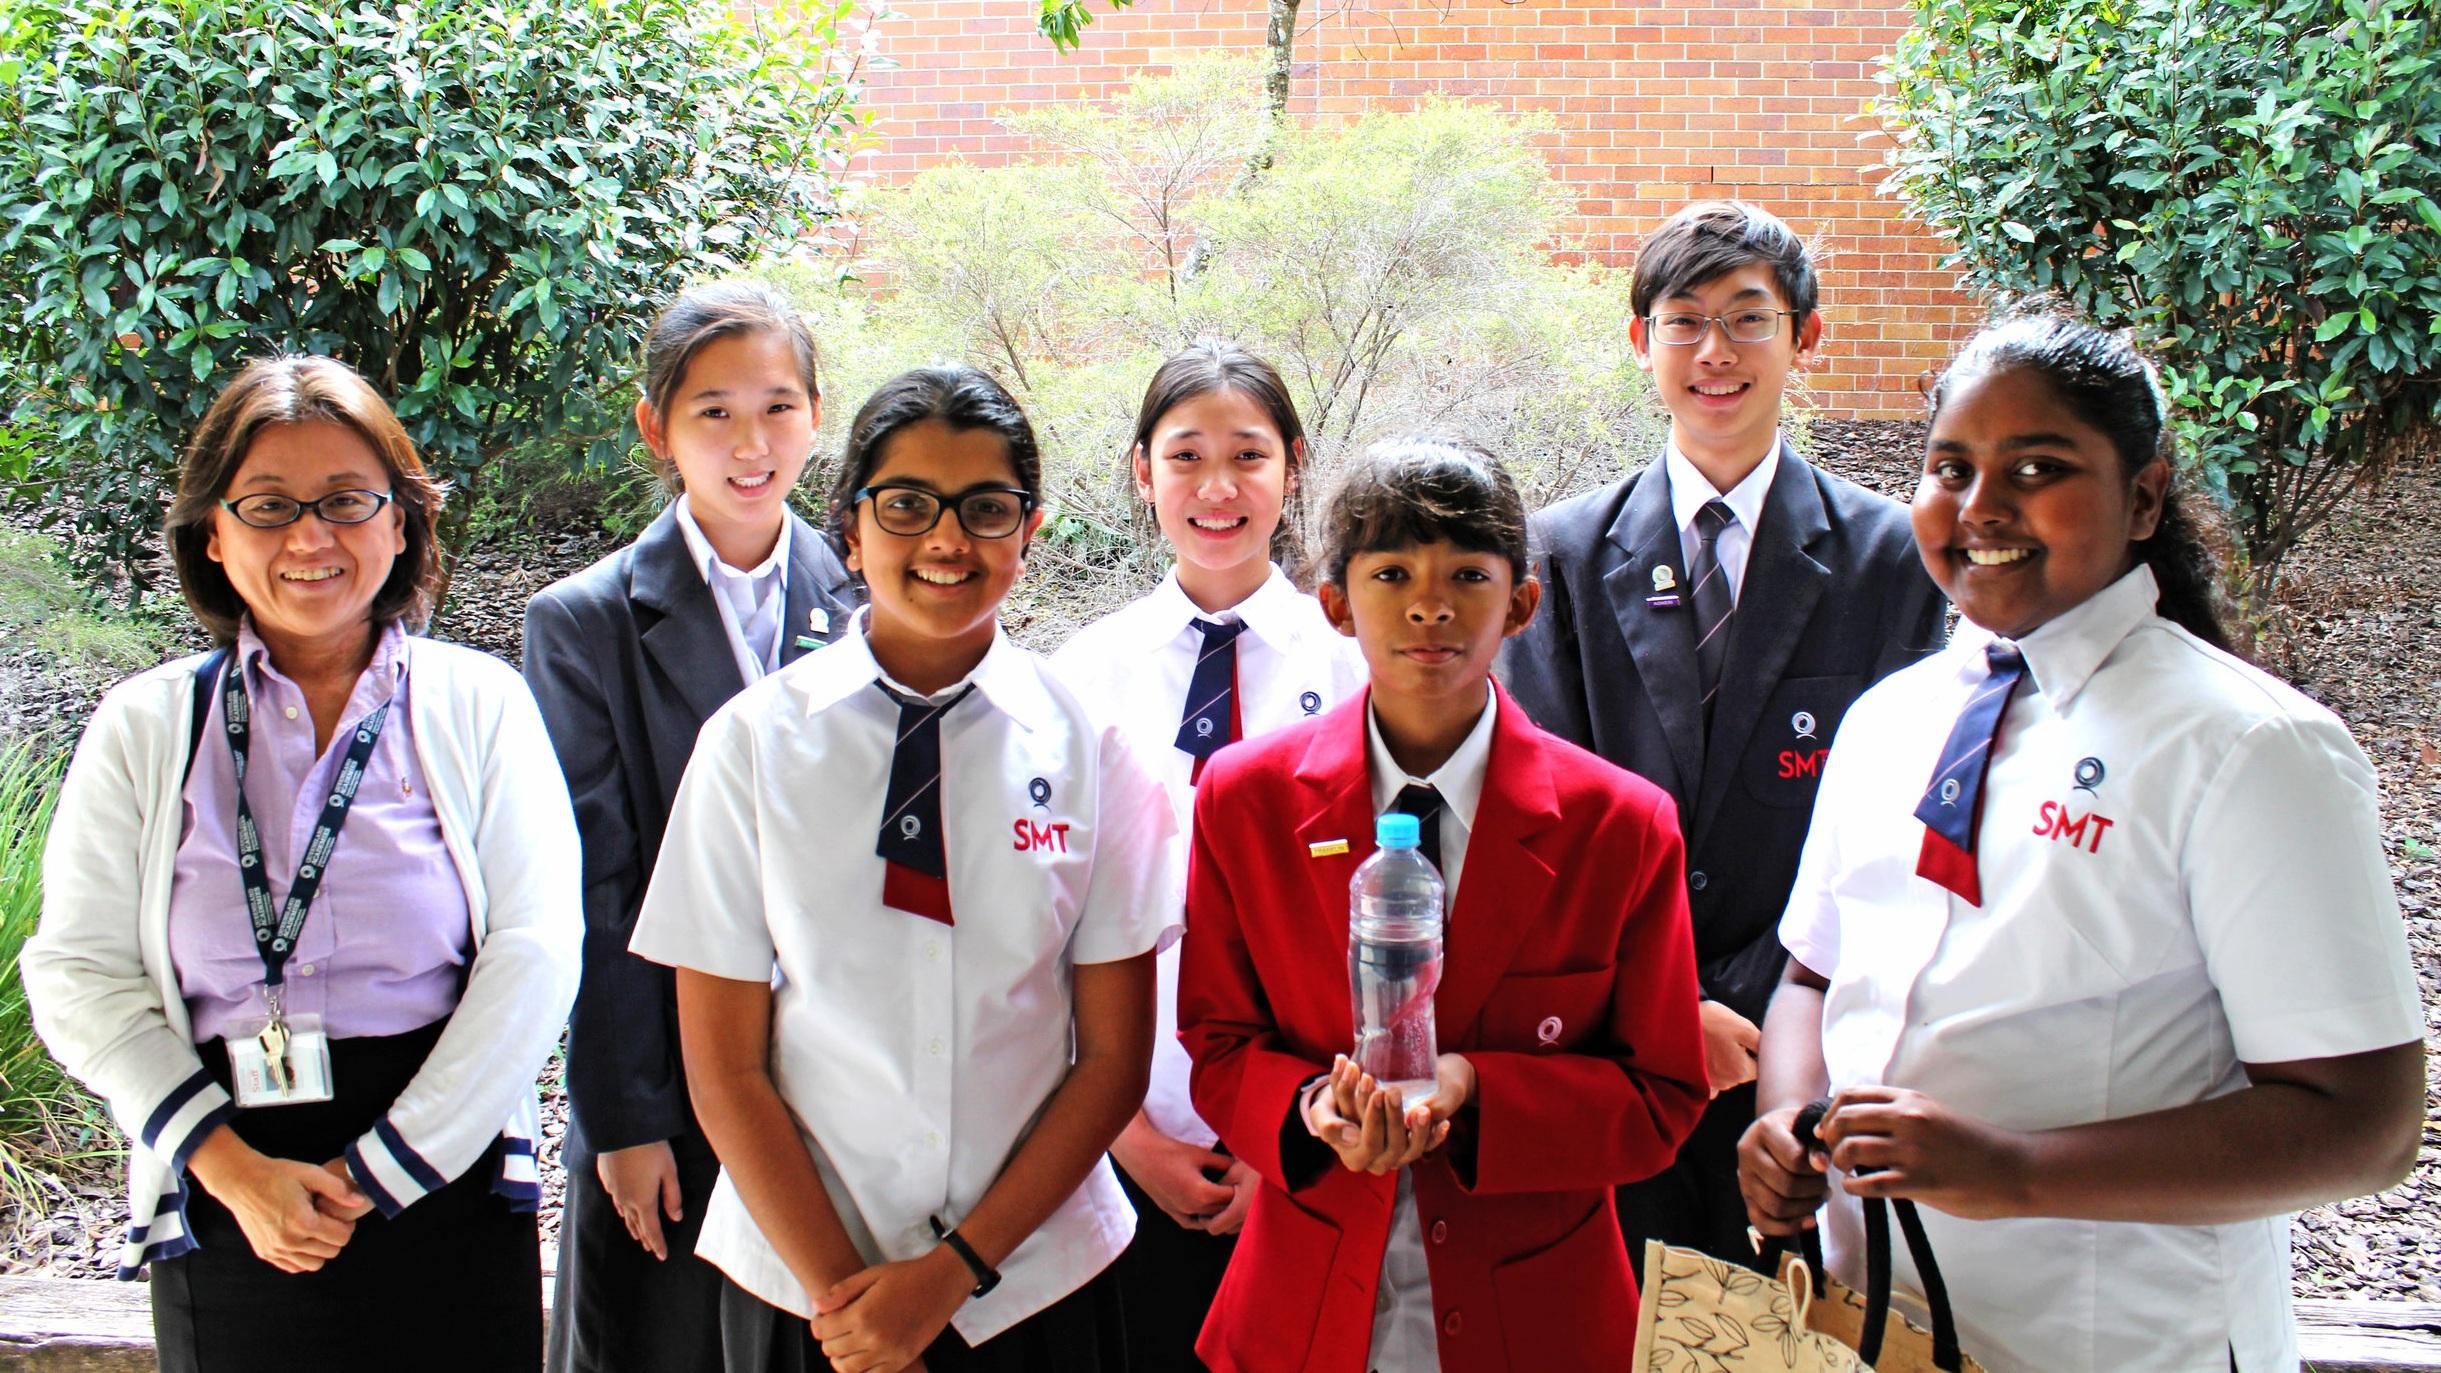 QLD+Academy+POA+team+photo.jpg